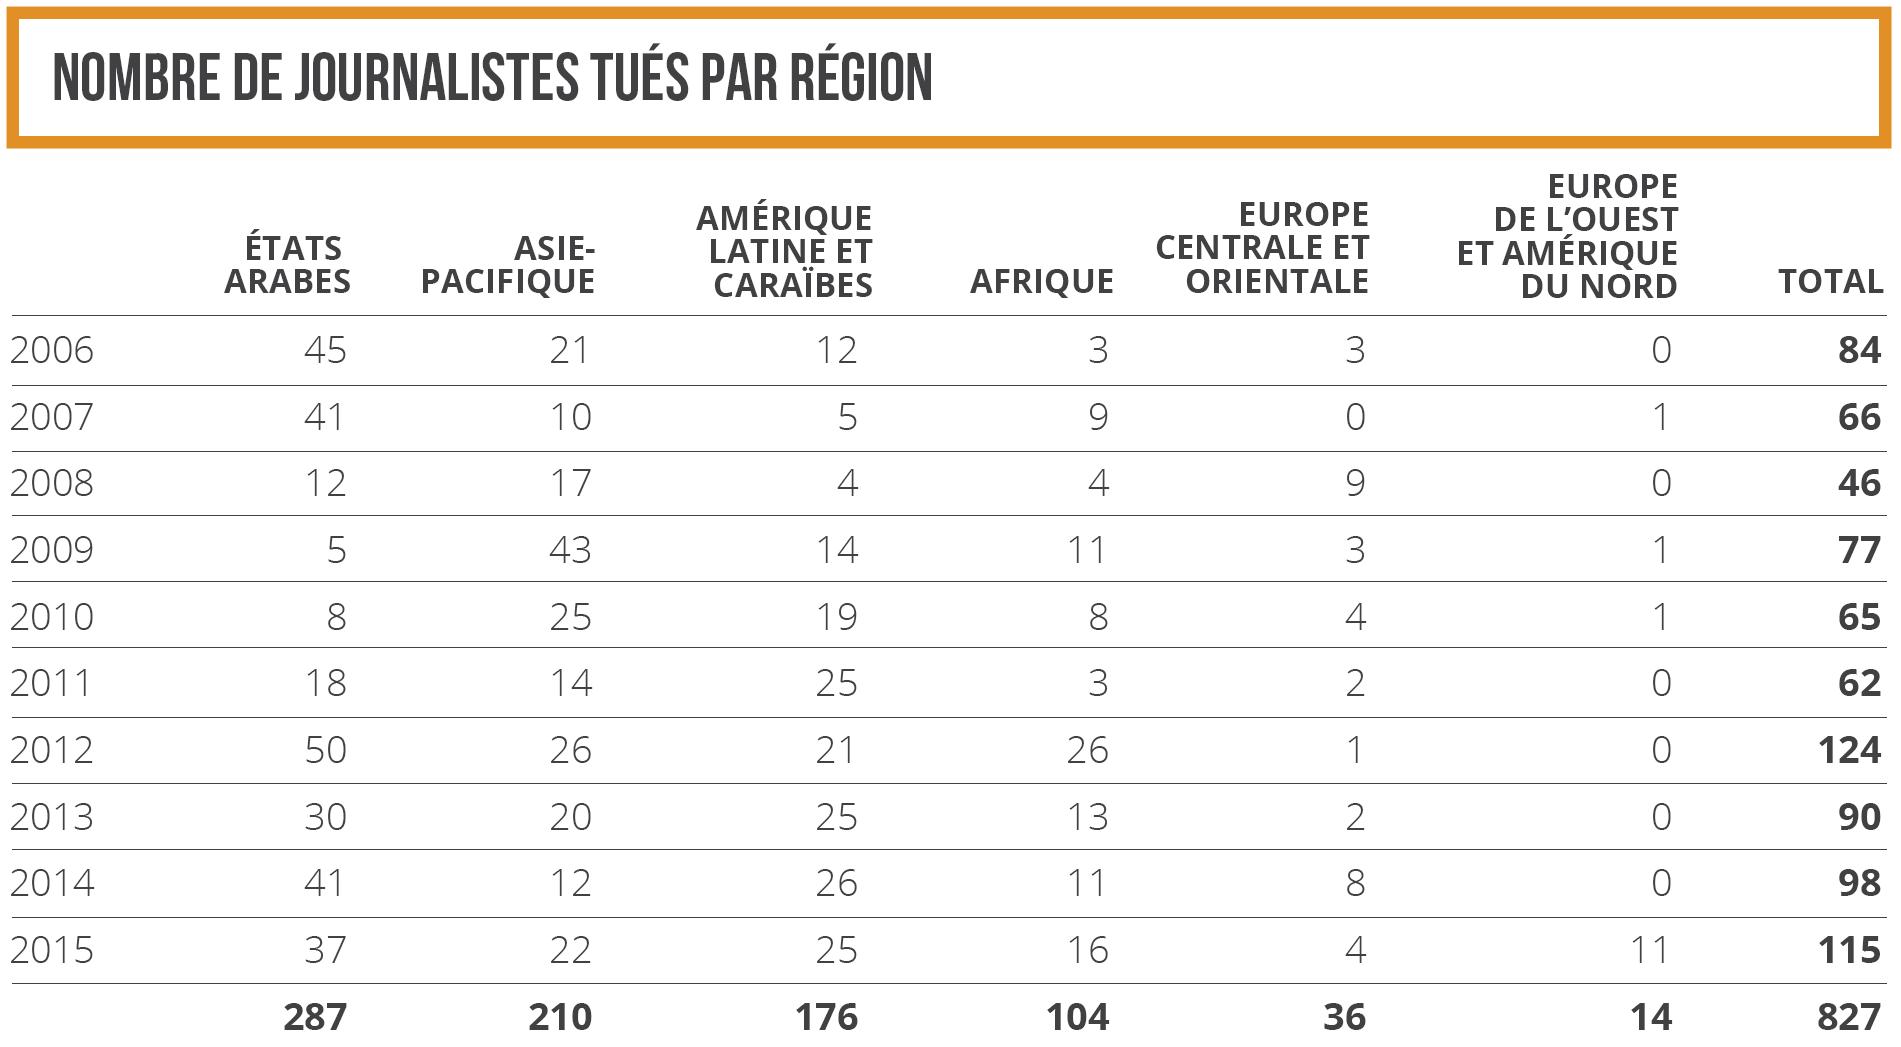 Nombre de journalistes tués par région en 2006-2015